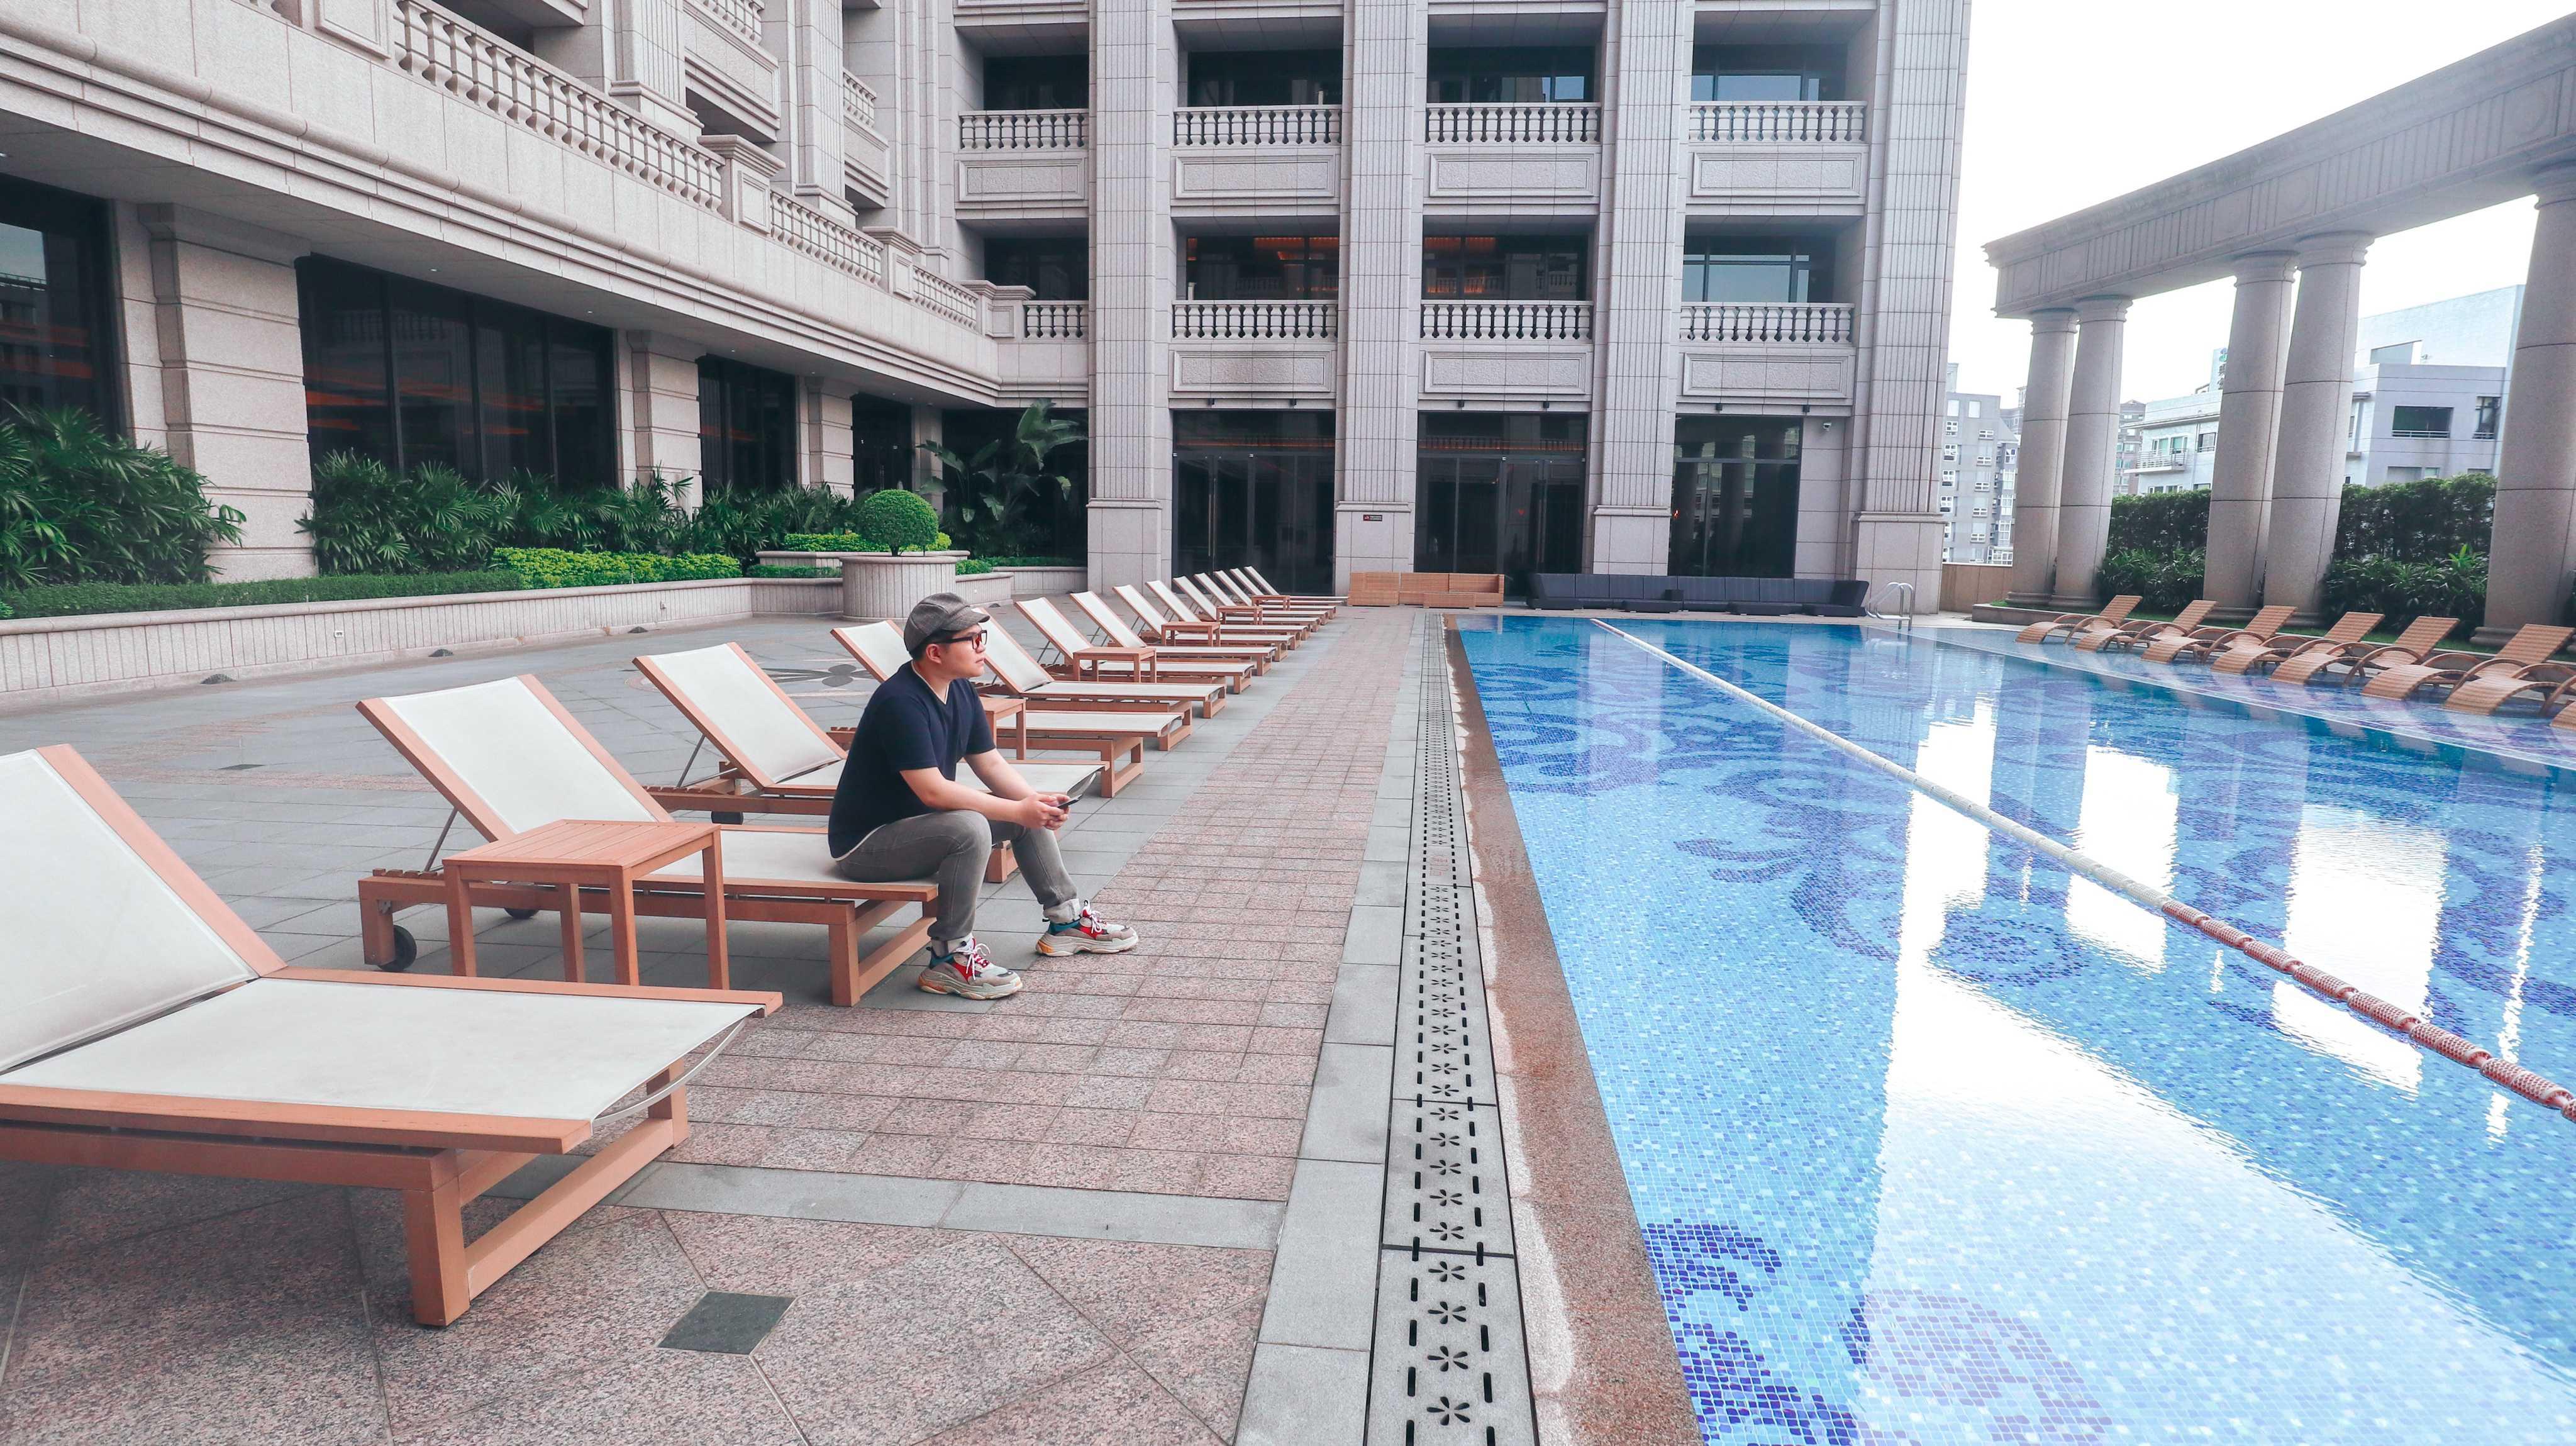 【台北住宿】美麗華摩天輪旁的五星級住宿!「美福大飯店」小宇宙住房專案,豪氣手筆讓人大開眼界!